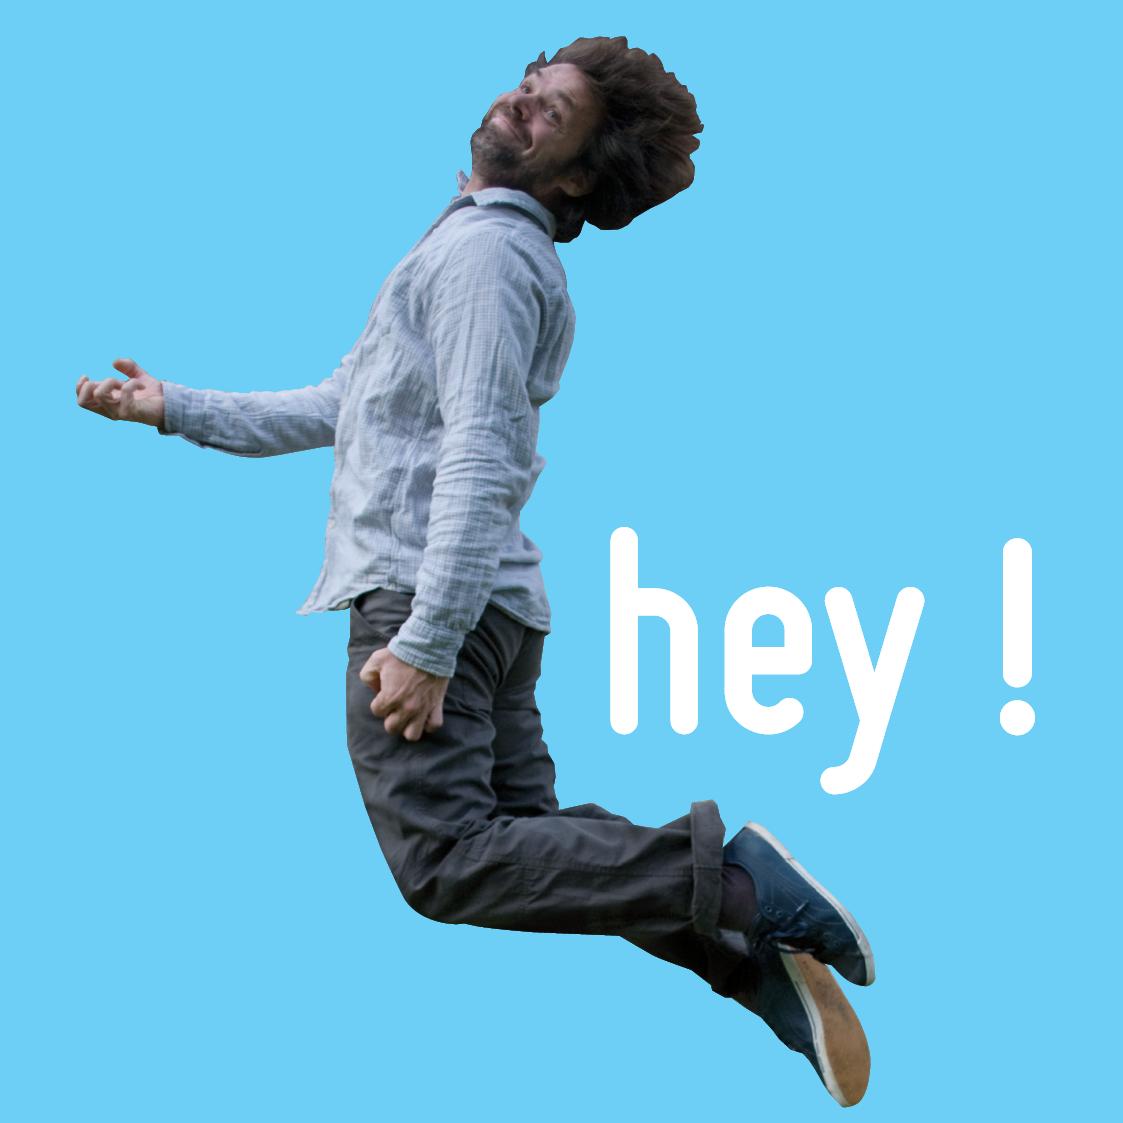 Hey !